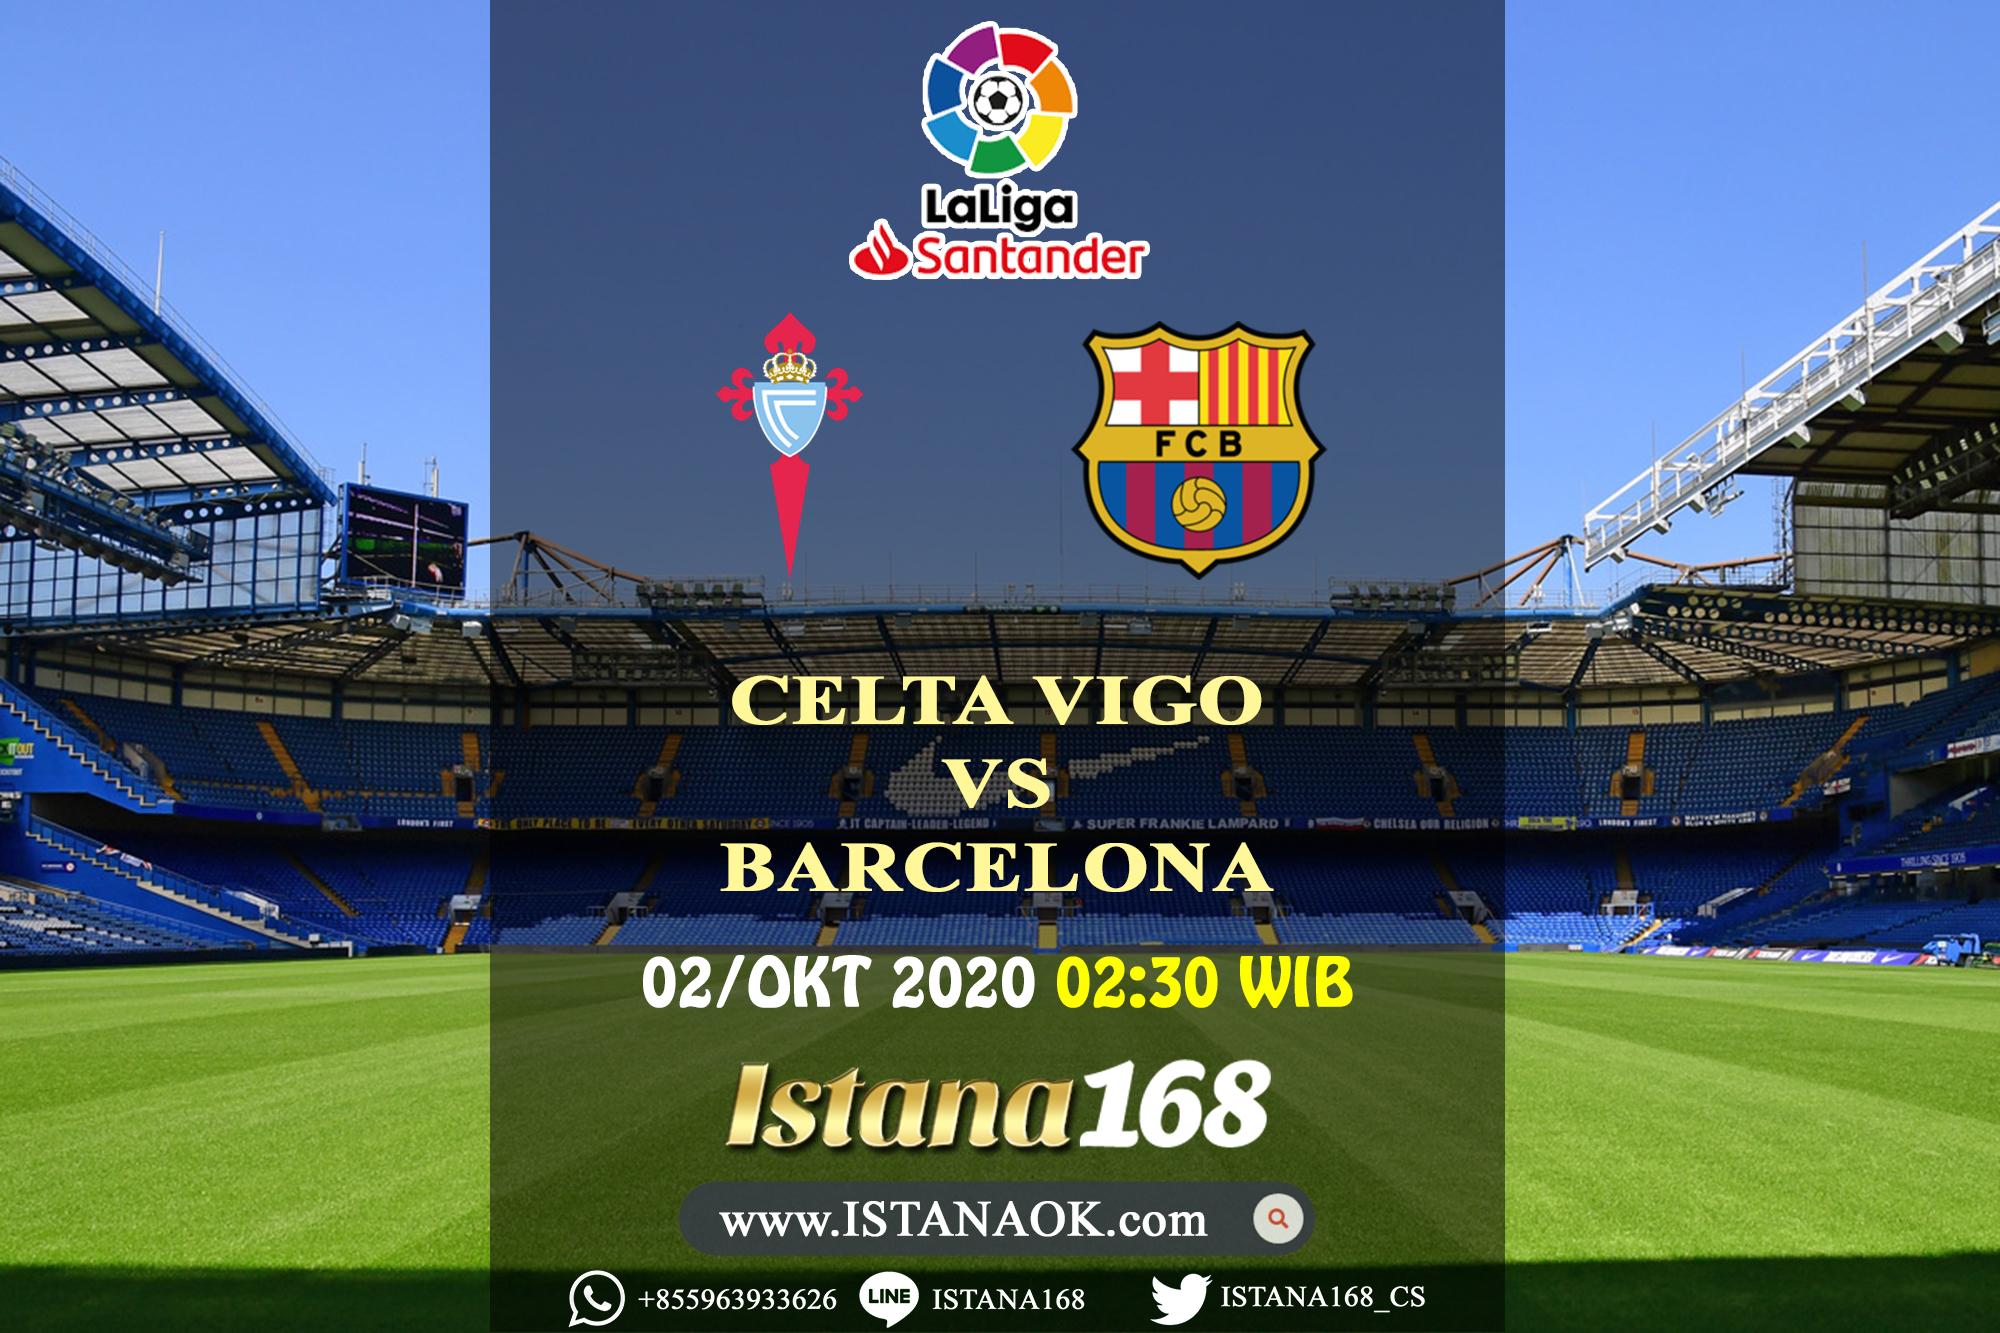 Prediksi Bola Akurat Istana168 Celta Vigo Vs Barcelona 02 Oktober 2020